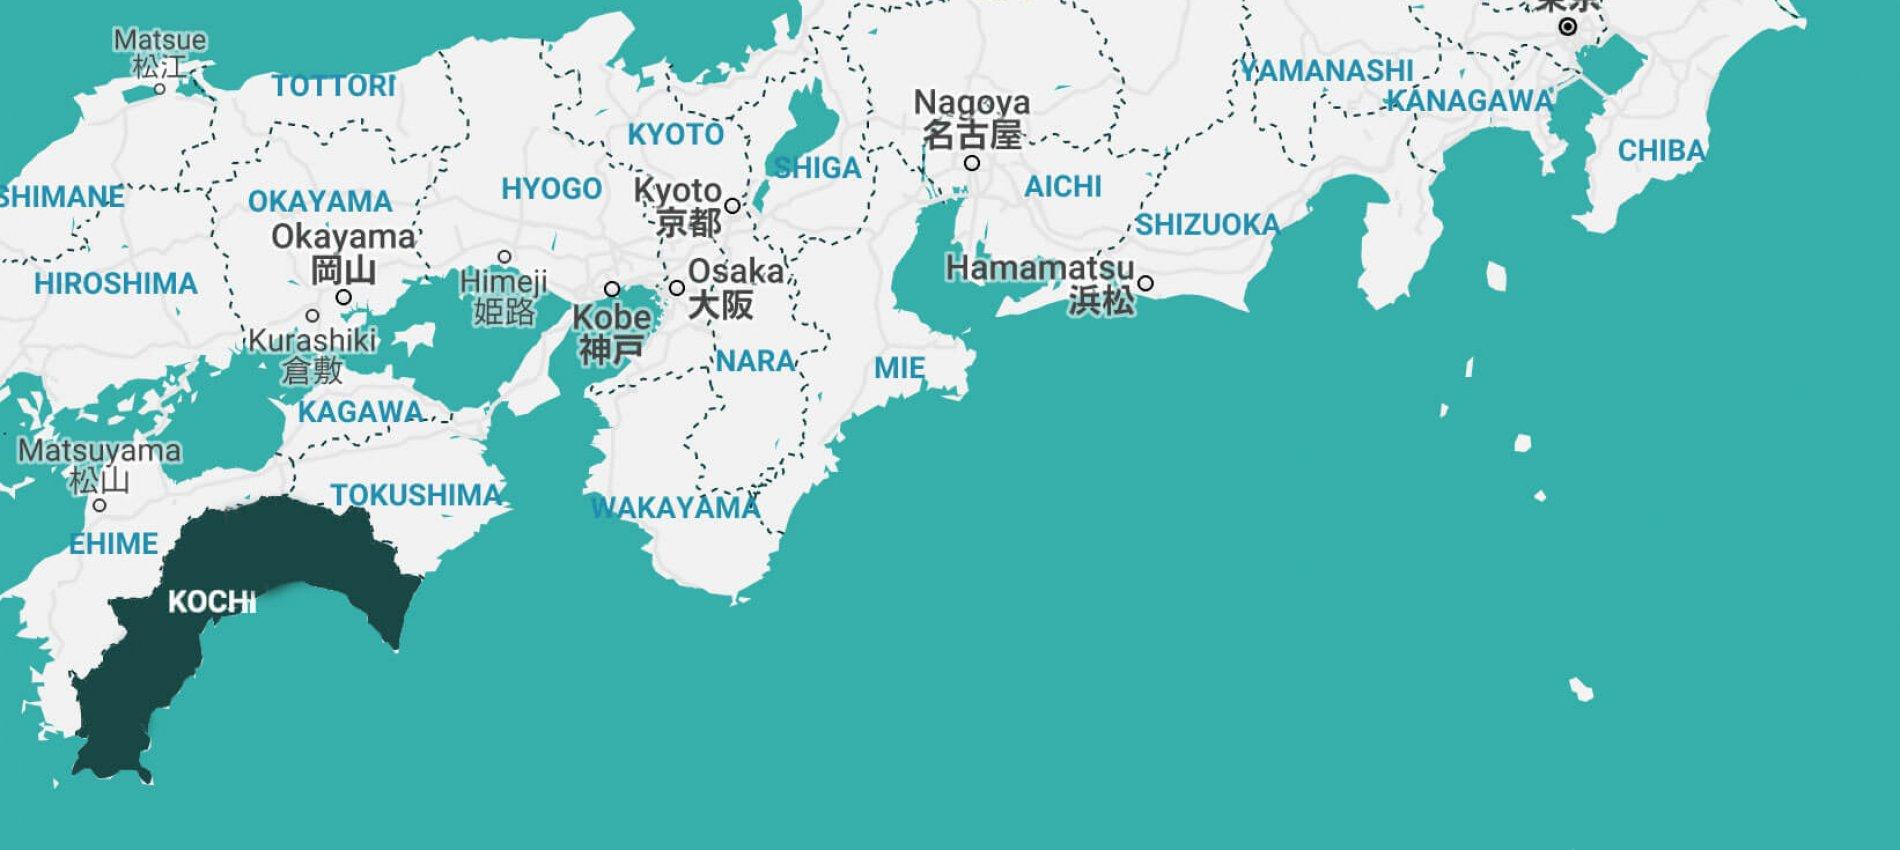 Map-of-Kochi-Japan